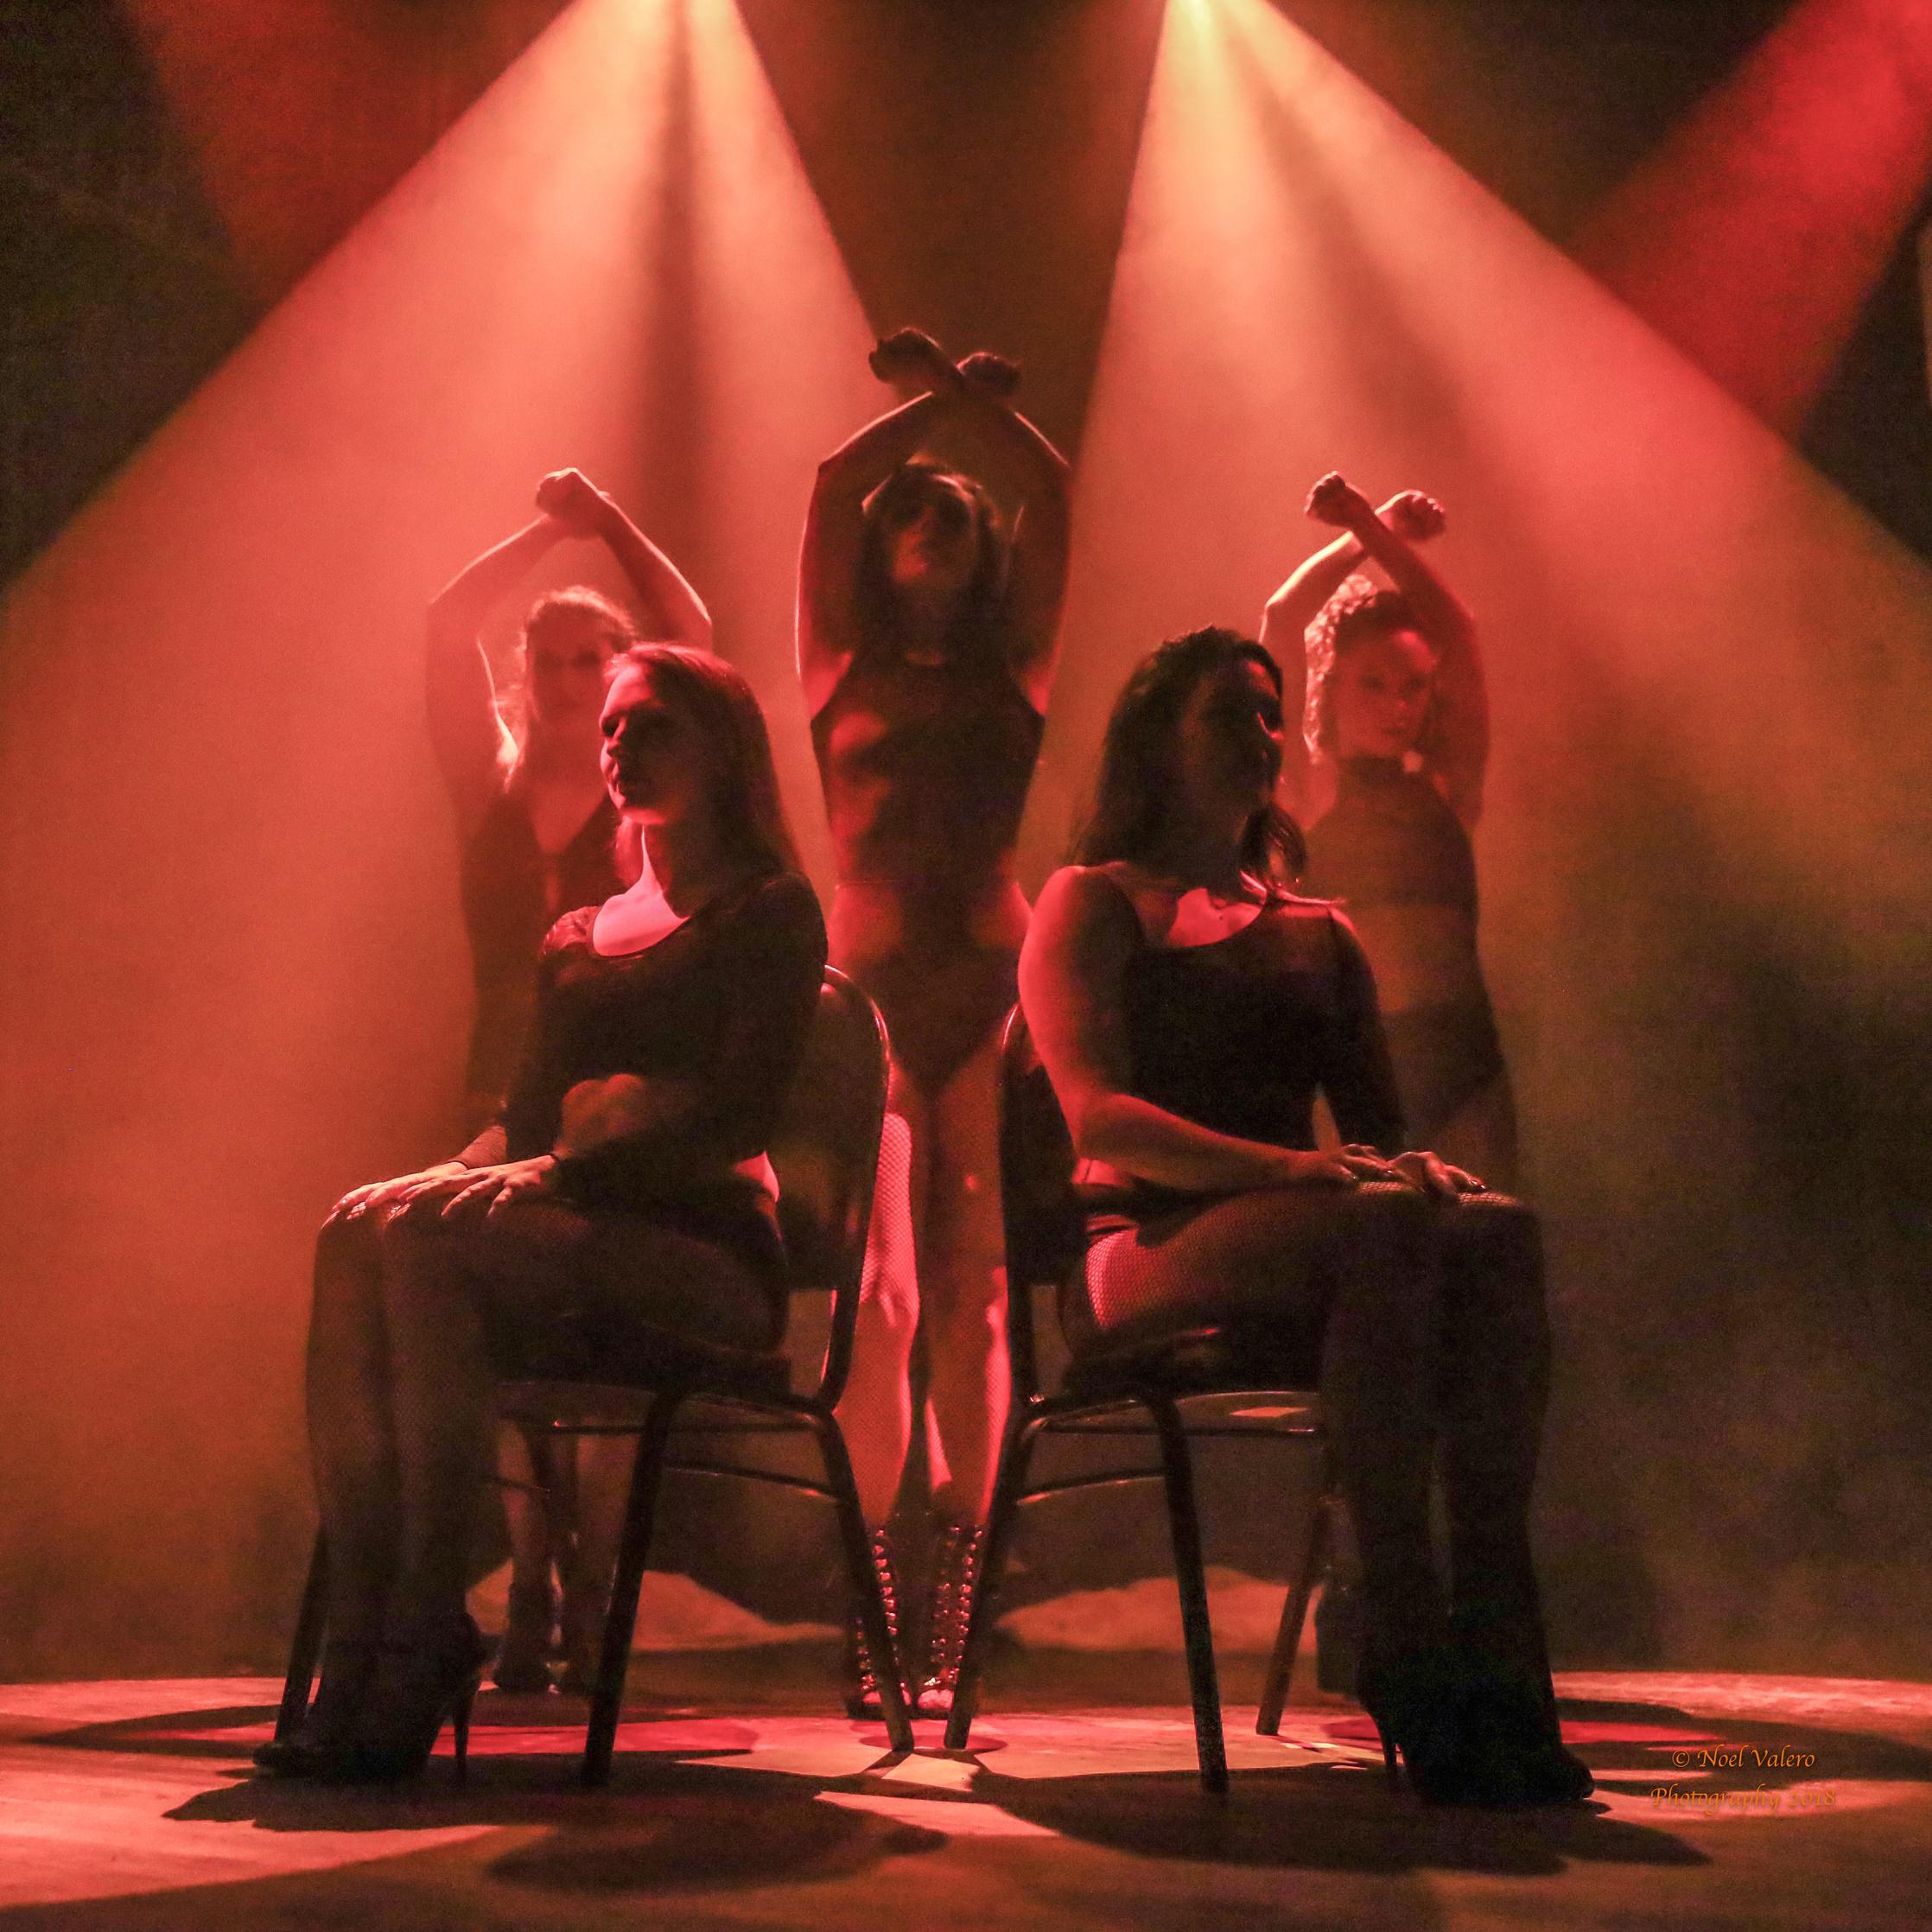 NYC's Guilty Pleasures Cabaret